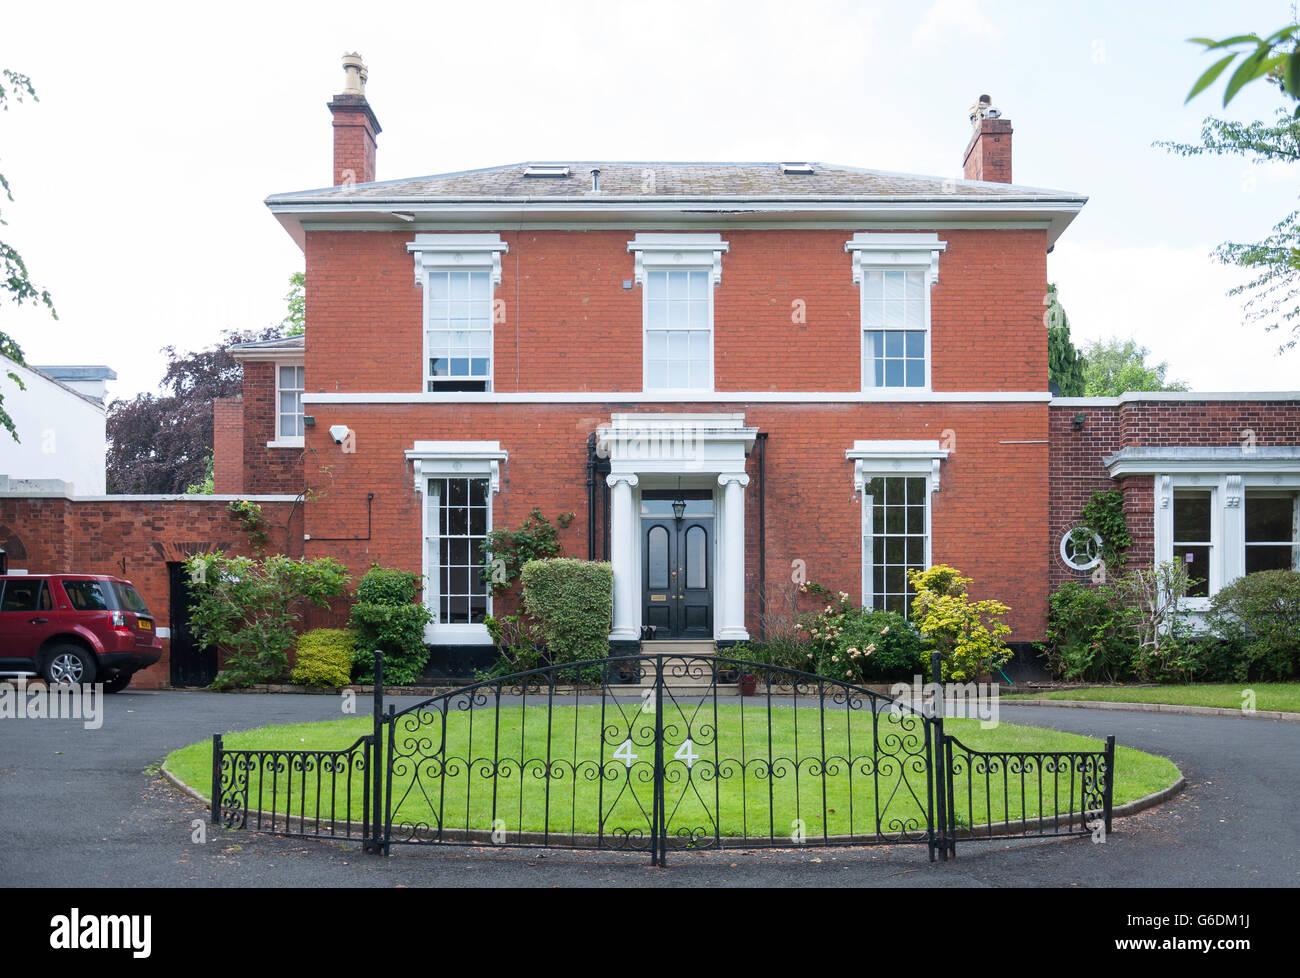 Large detached house, Wellington Road, Edgbaston, Birmingham, West Midlands, England, United Kingdom Stock Photo